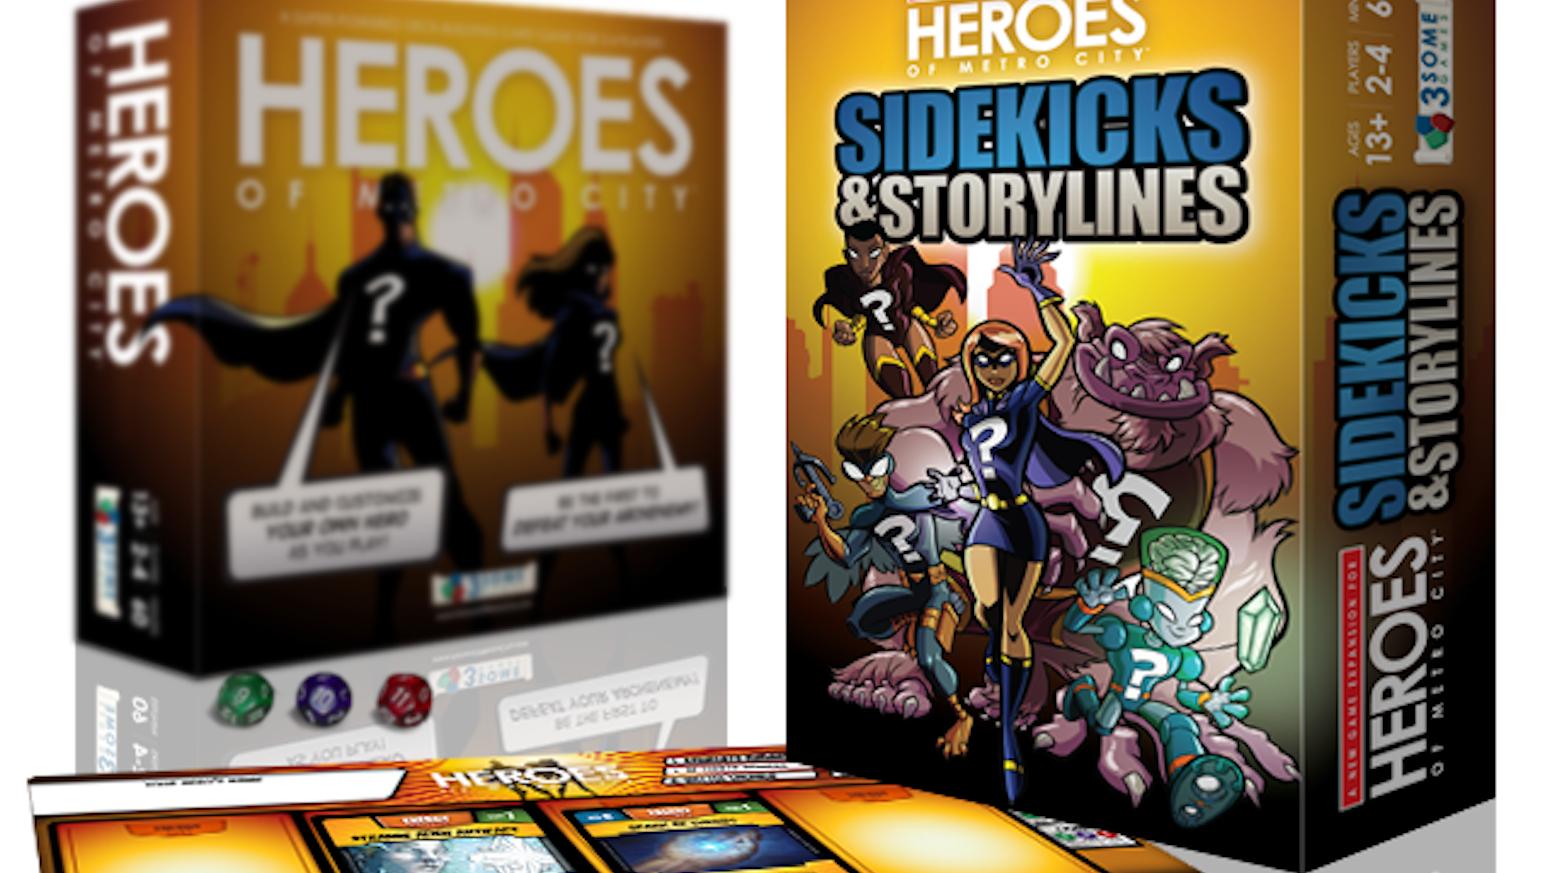 Heroes Of Metro City Sidekicks Storylines